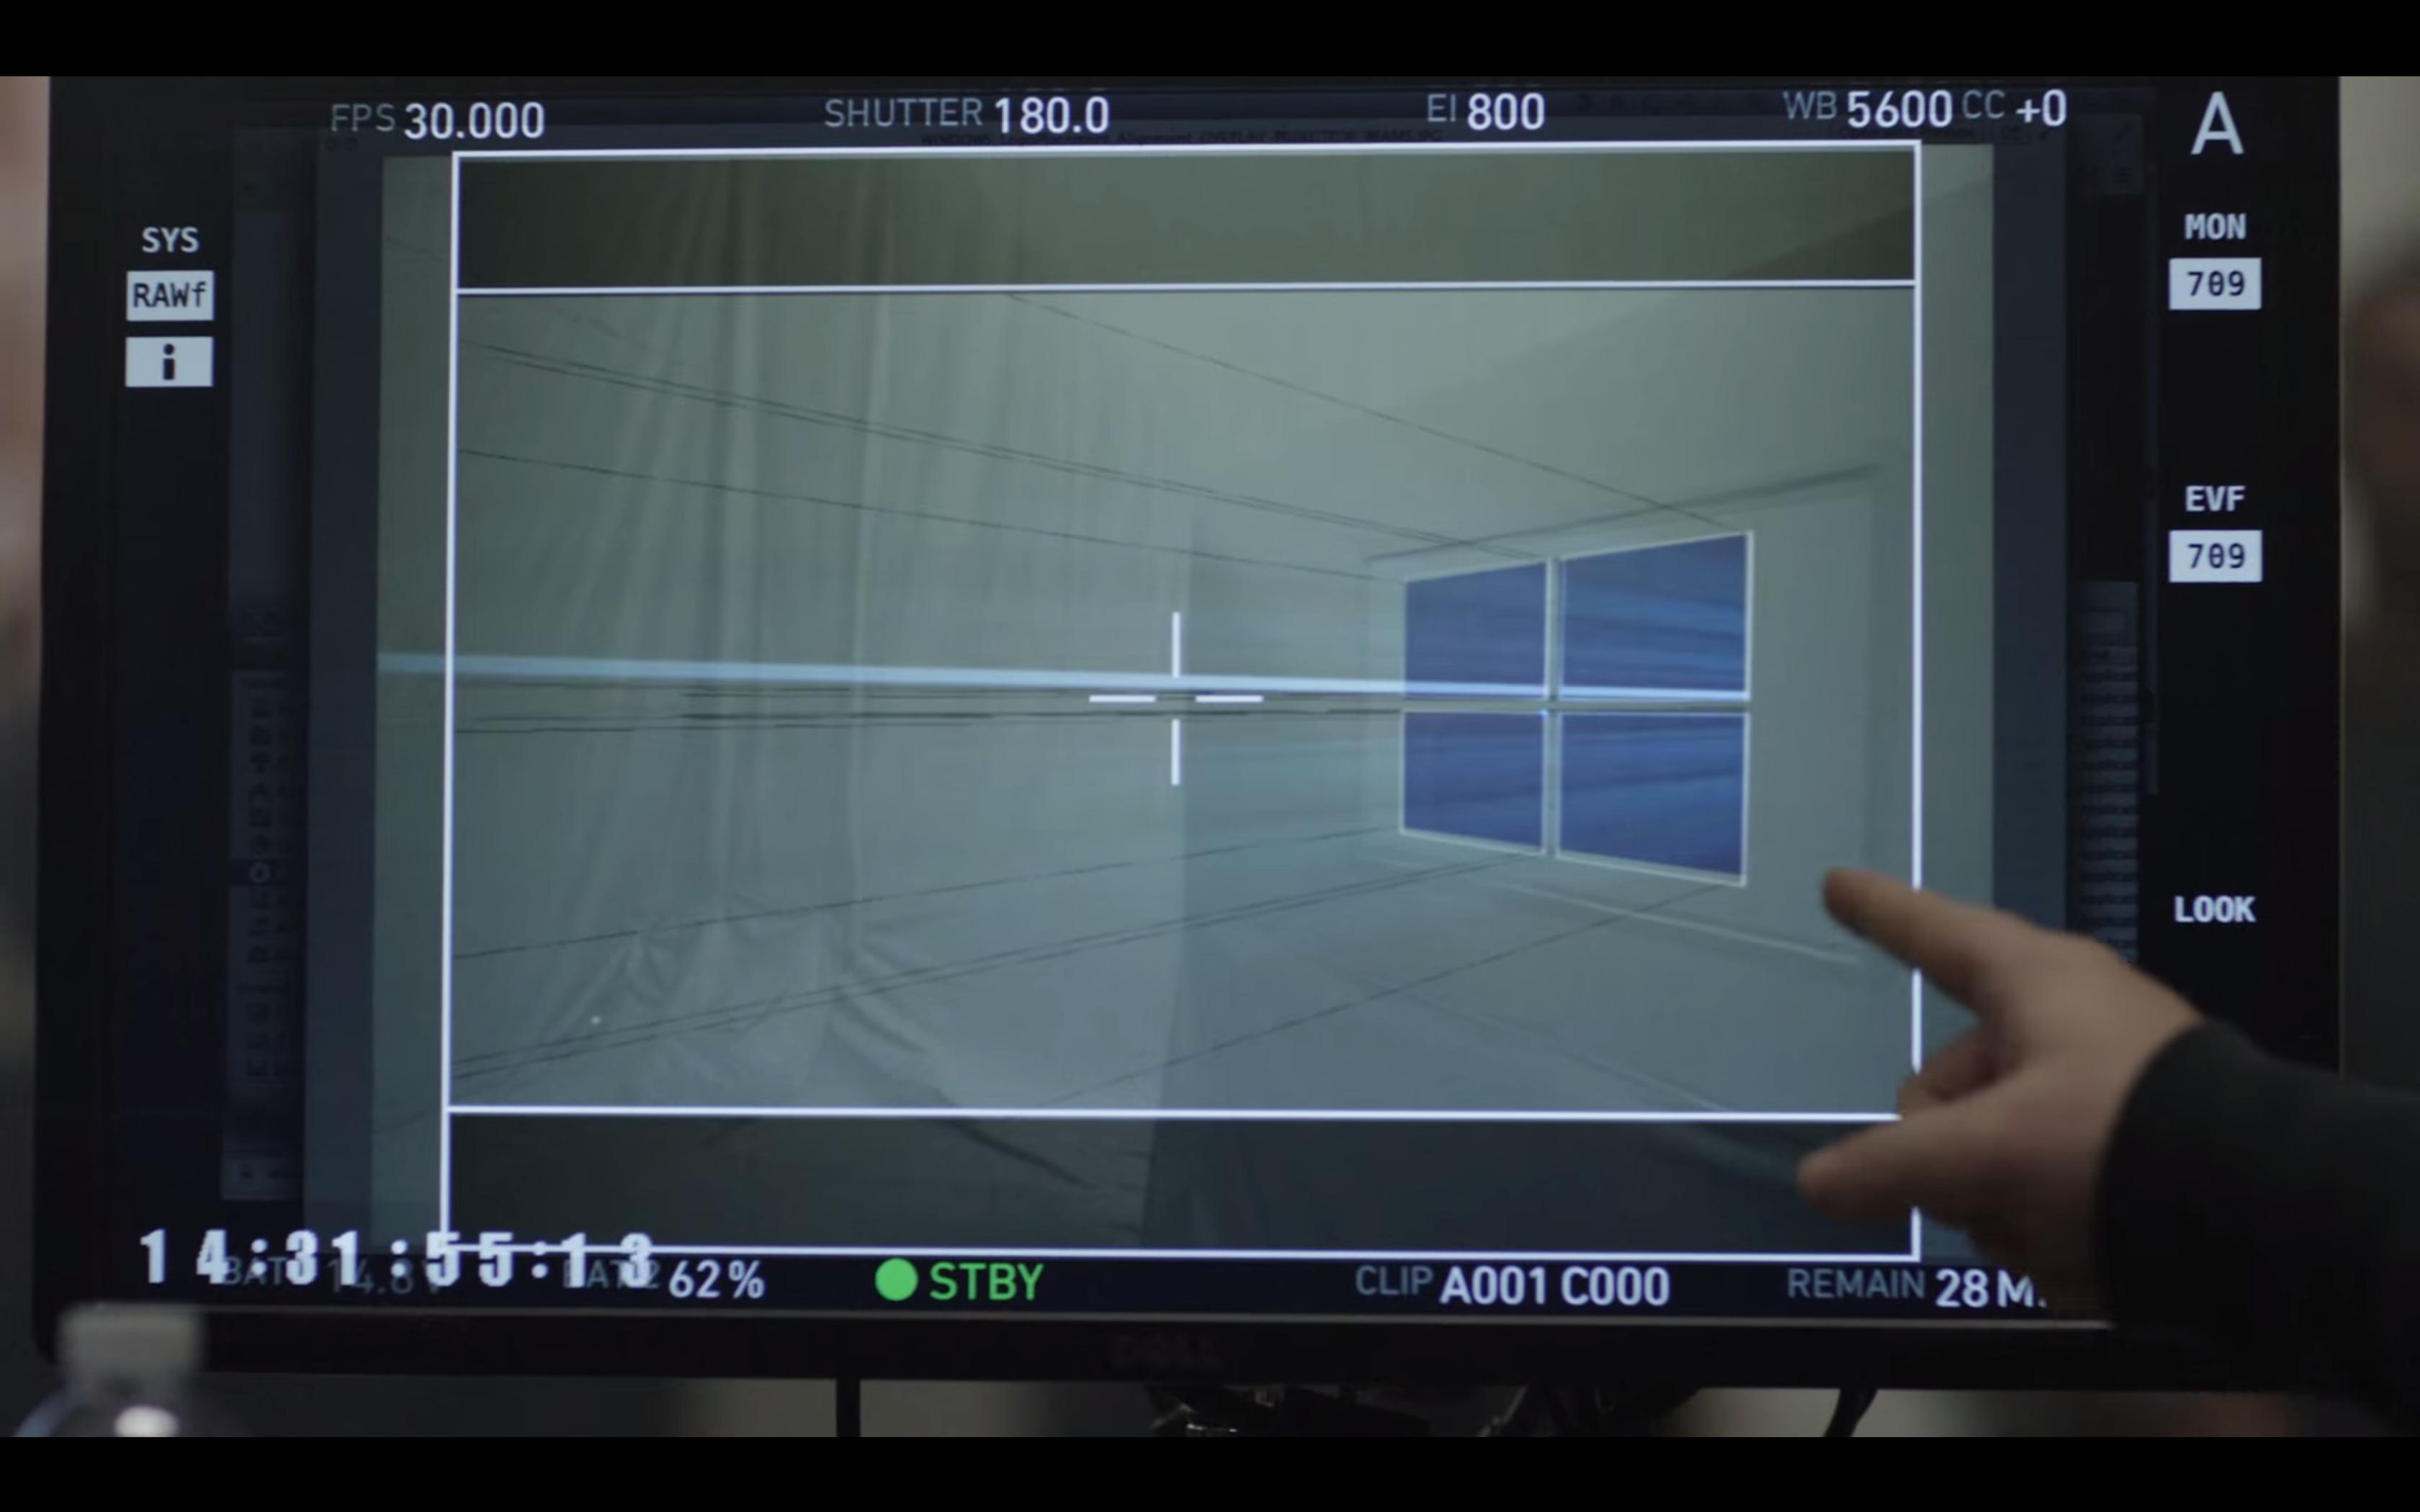 Papel De Parede Para O Windows 10: Como Foi Criado O Papel De Parede Do Windows 10